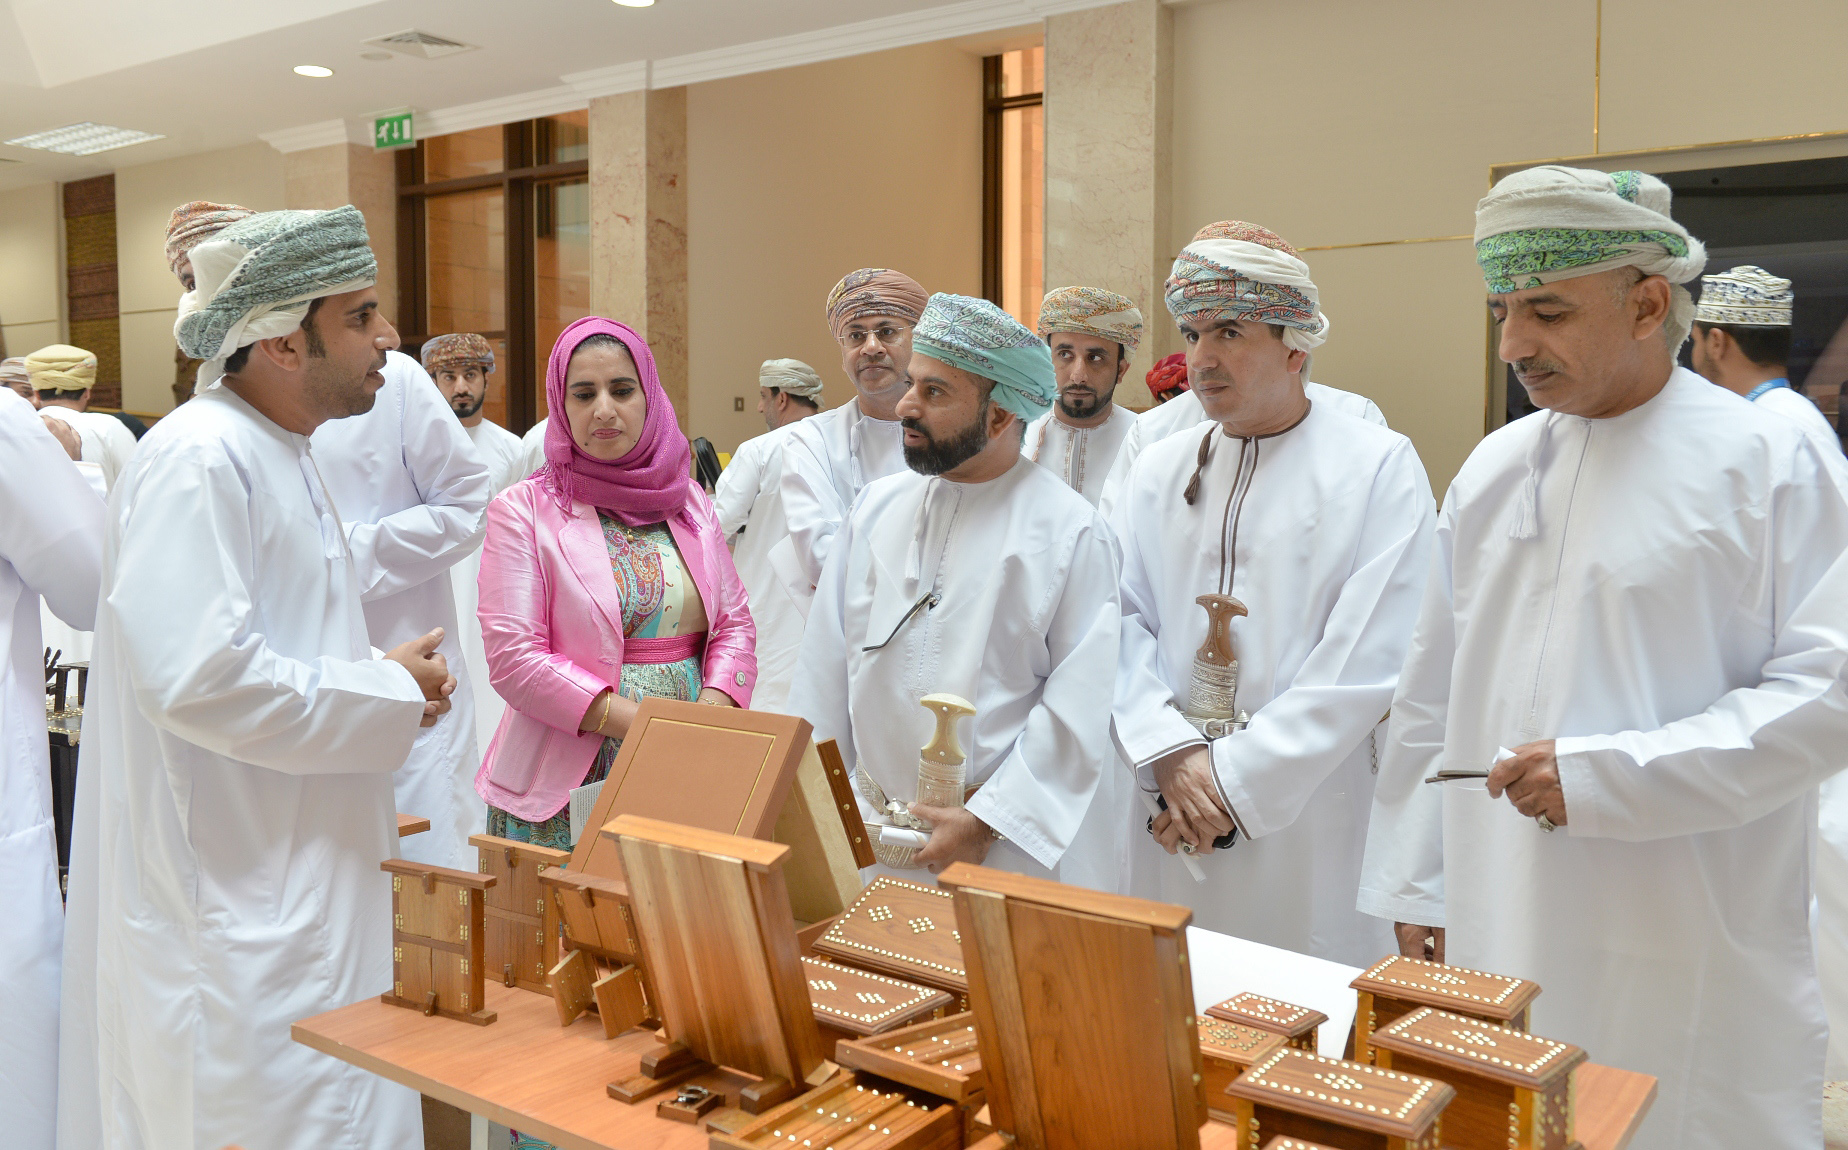 وزارة السياحة تحتفي باليوم العالمي للسياحة بمشاركة مؤسسات القطاع الحكومي والخاص والمجتمع المحلي